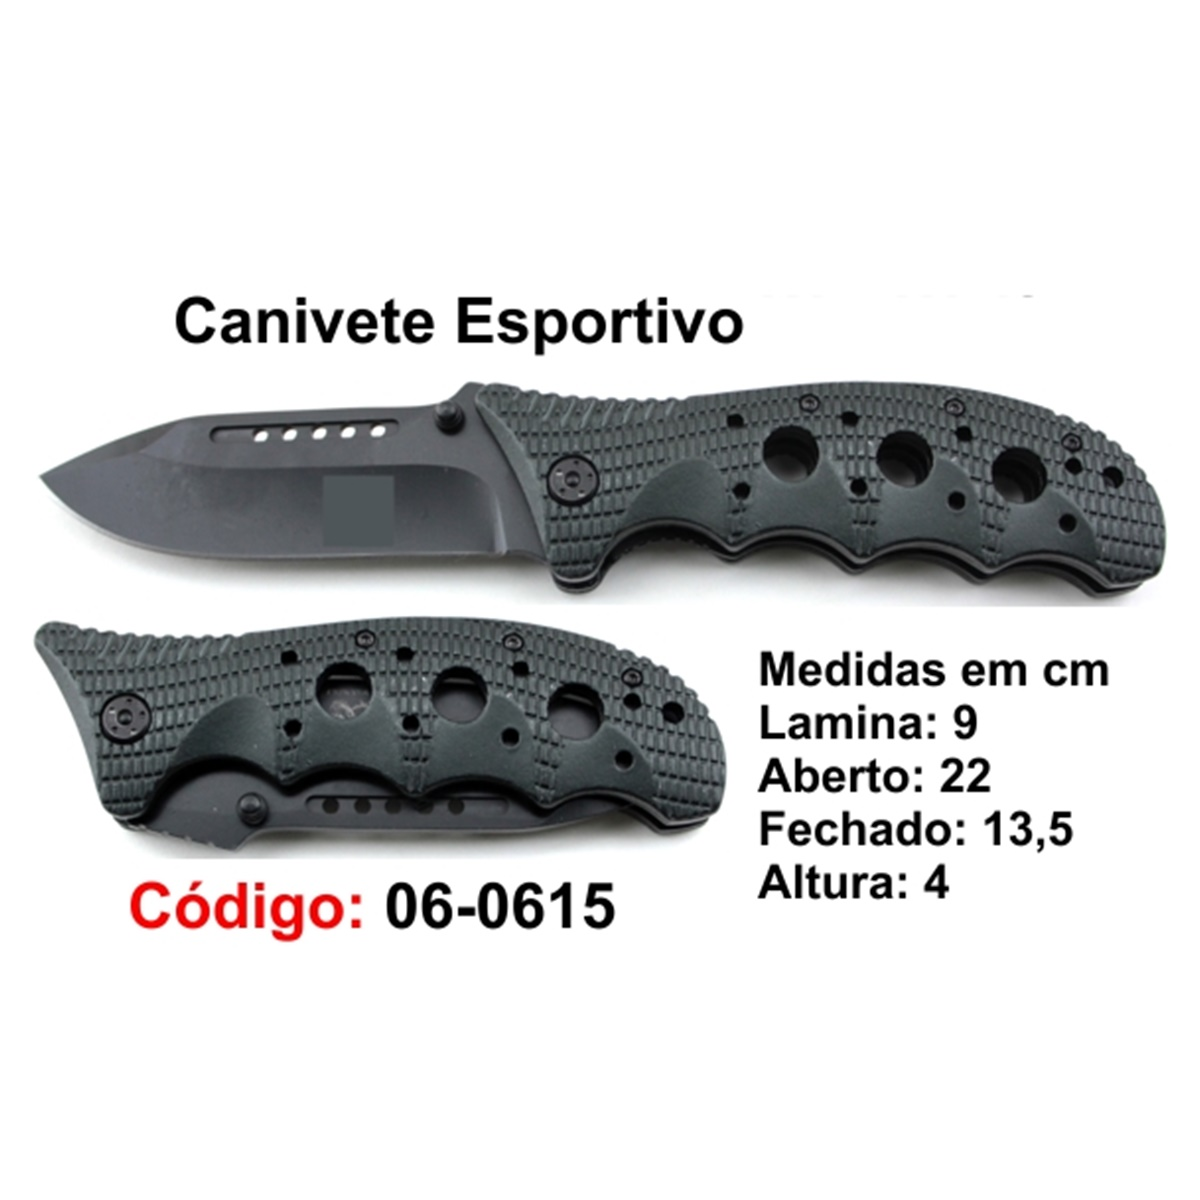 Canivete Esportivo Caça Pesca Etc. 06-0615